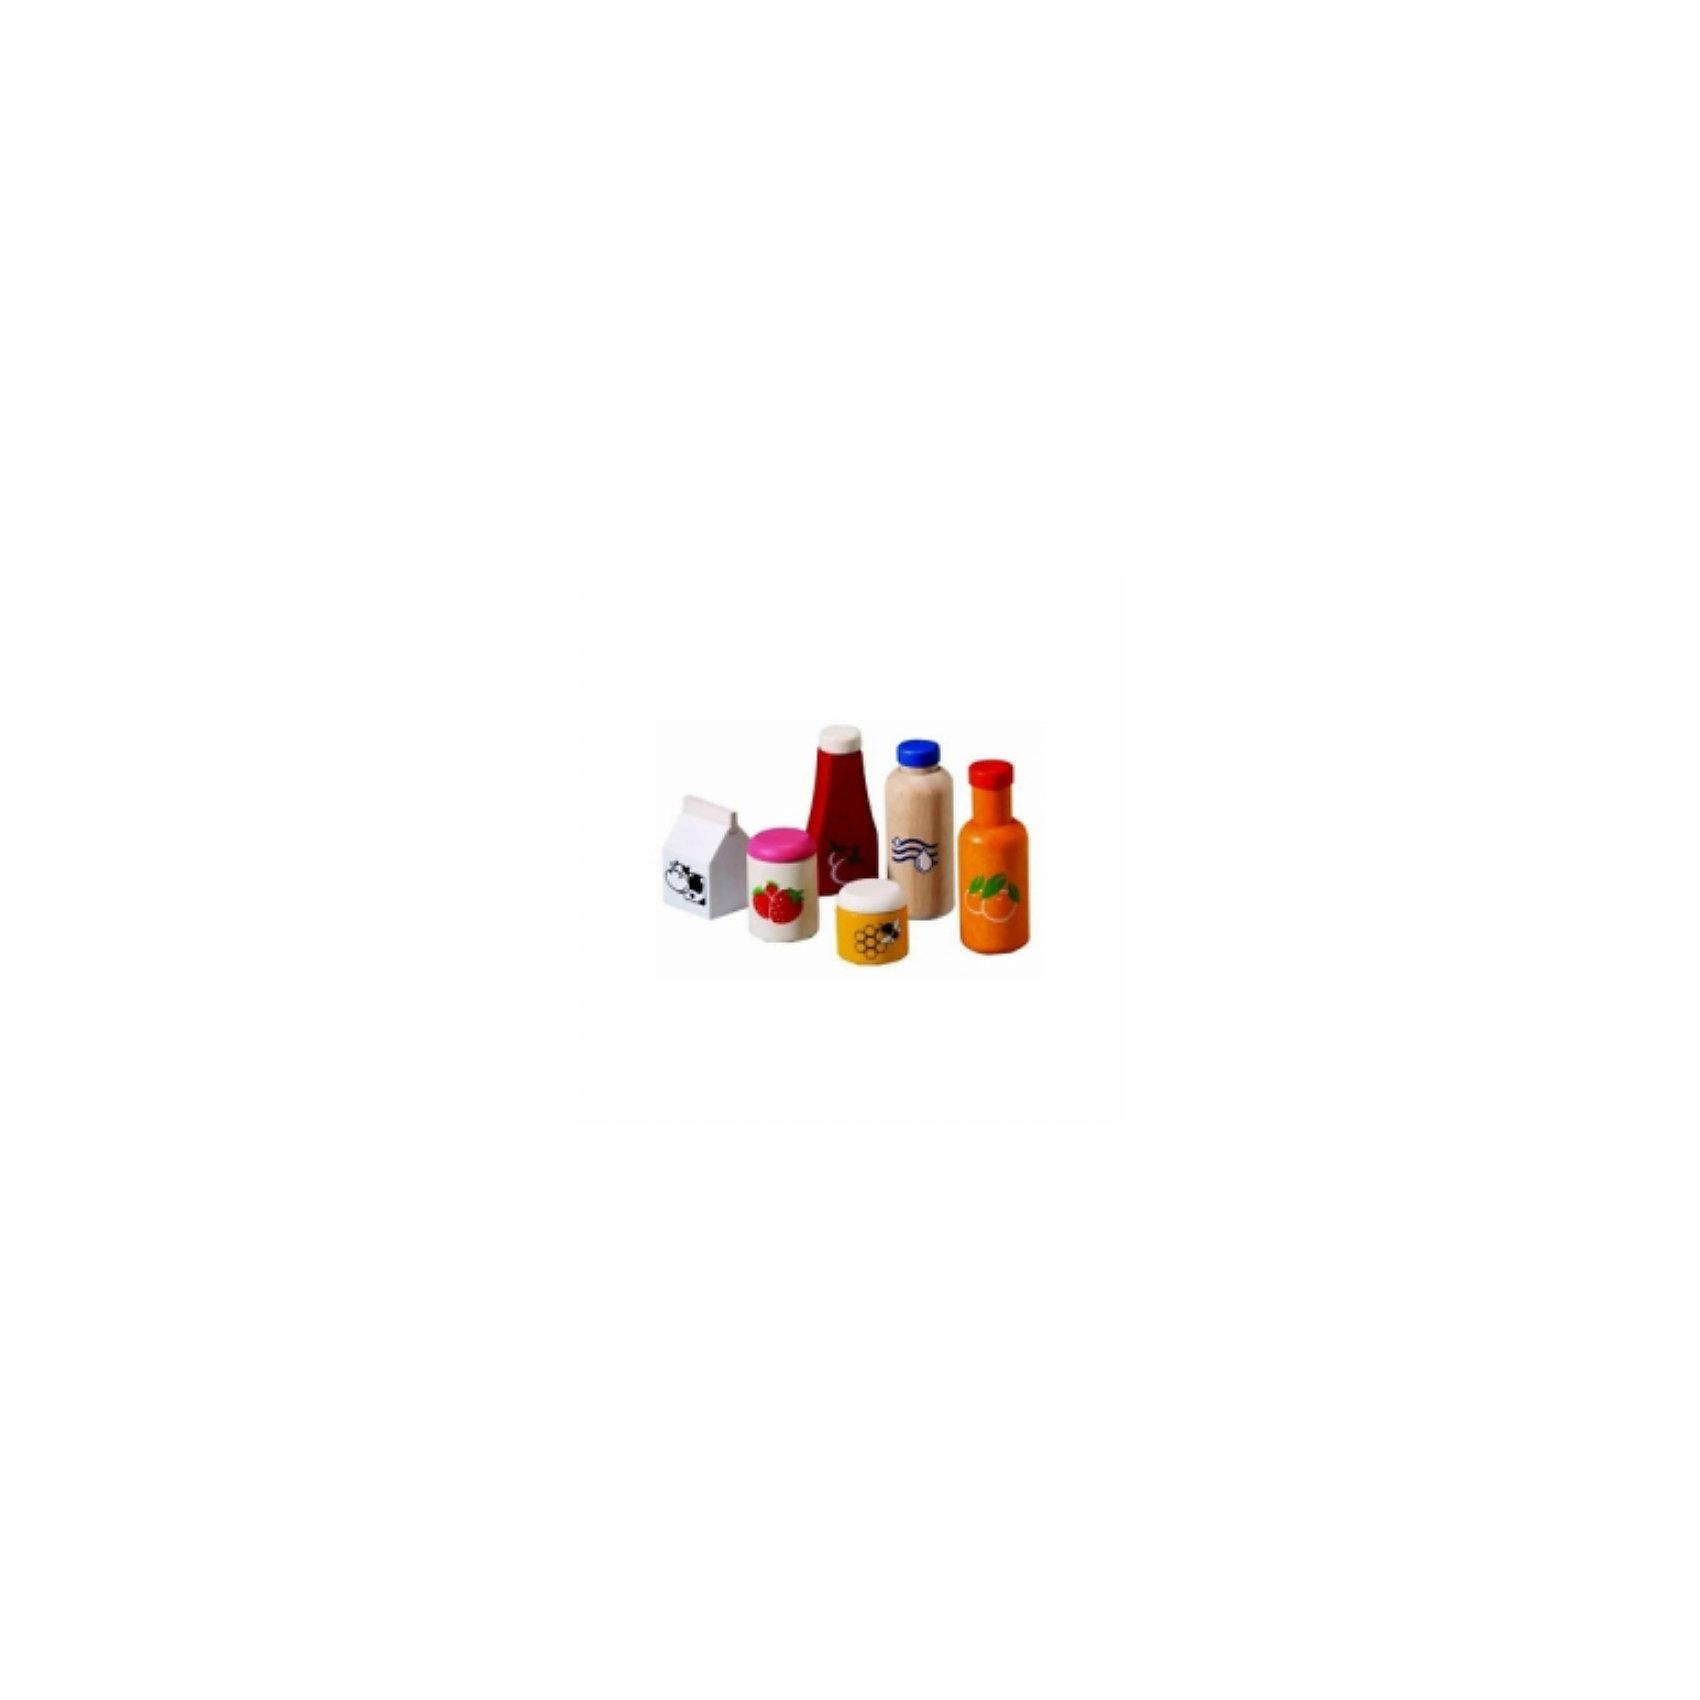 PLAN TOYS 3432 Набор еда и напиткиPLAN TOYS (Плен тойс) 3432: Набор еда и напитки. <br><br>Характеристика:<br><br>• Материал: каучуковое дерево, нетоксичные краски на водной основе.    <br>• Размер упаковки: 18,8х7,5х23 см<br>• Комплектация: фруктовый сок, вода, молоко, кетчуп, баночка варенья и мед. <br>• Все детали  набора отлично детализированы и реалистично раскрашены. <br>• Безопасные закругленные края. <br><br>Набор от PLAN TOYS (Плен тойс) - отличное дополнение к любой ролевой игре. В набор входят еда и напитки для питательного, вкусного и полезного завтрака. Все игрушки прекрасно детализированы и реалистично раскрашены, не имеют острых углов, которые могут травмировать ребенка. Изготовлены из высококачественных материалов с применением гипоаллергенных, нетоксичных красителей.<br><br>PLAN TOYS (Плен тойс) 3432: Набор еда и напитки можно купить в нашем интернет-магазине.<br><br>Ширина мм: 75<br>Глубина мм: 230<br>Высота мм: 188<br>Вес г: 795<br>Возраст от месяцев: 12<br>Возраст до месяцев: 1164<br>Пол: Женский<br>Возраст: Детский<br>SKU: 2175238